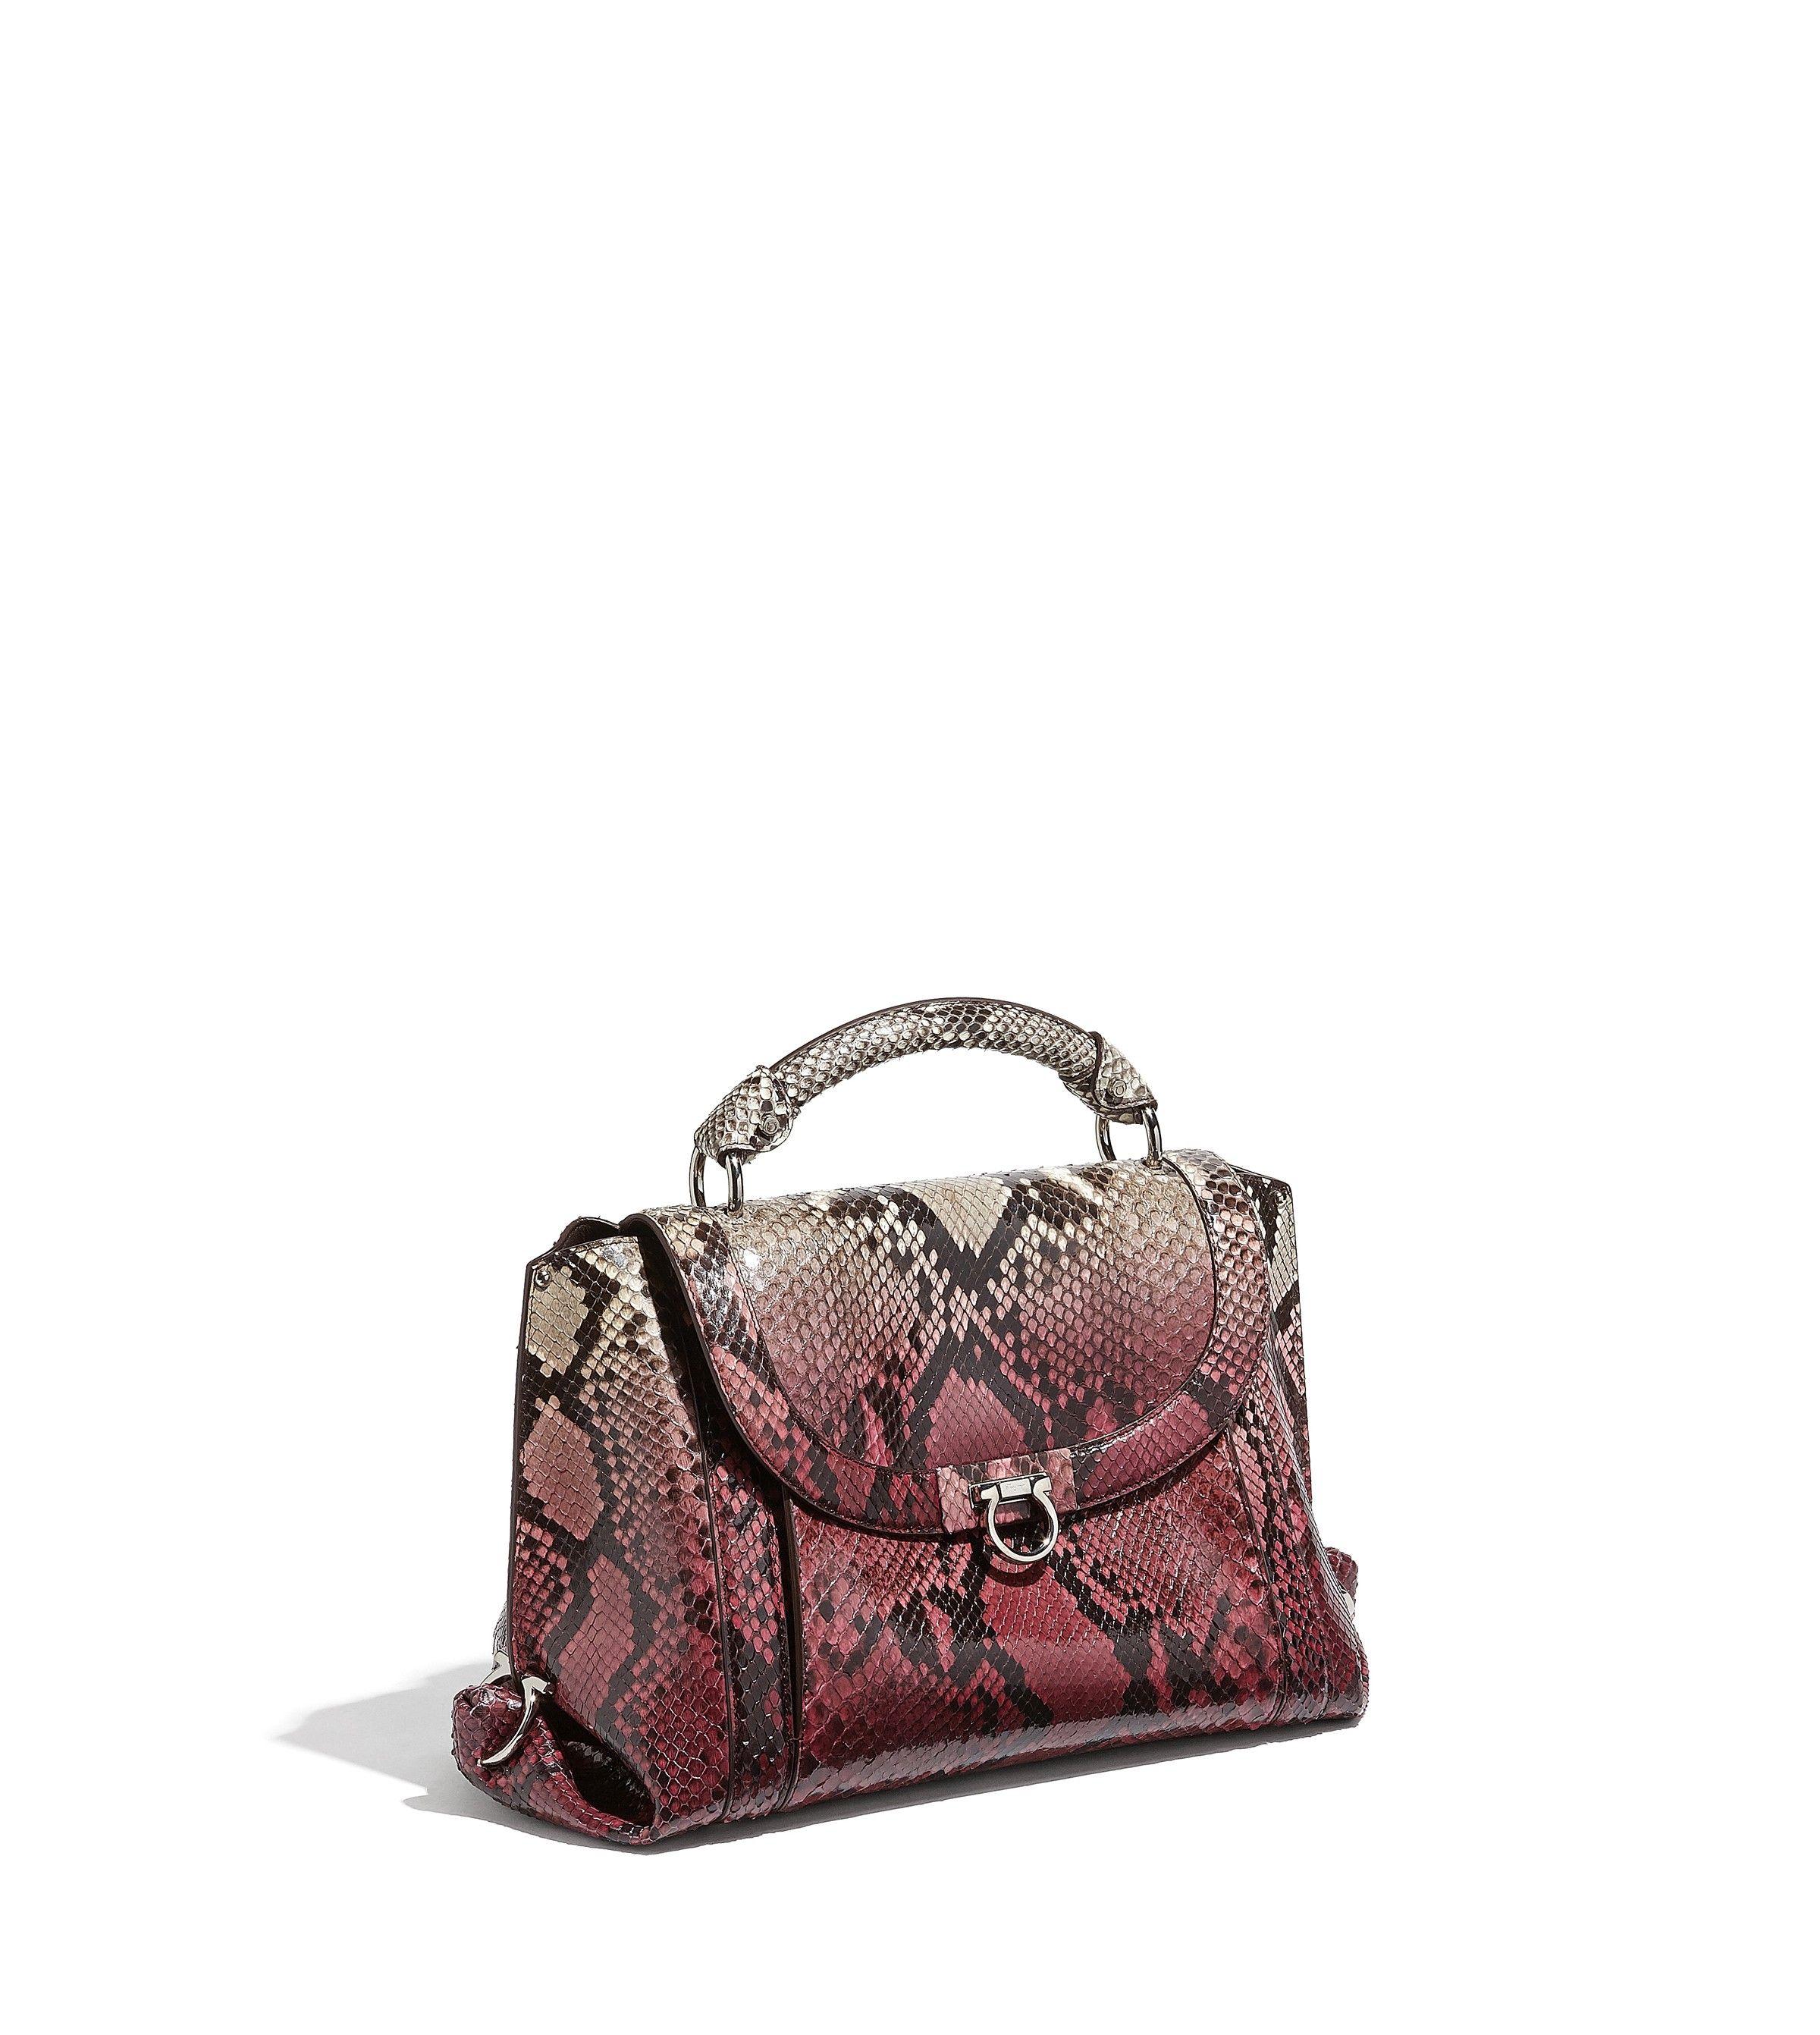 e5295127f5bd SALVATORE FERRAGAMO Large Soft Sofia Top Handle Bag.  salvatoreferragamo   bags  hand bags